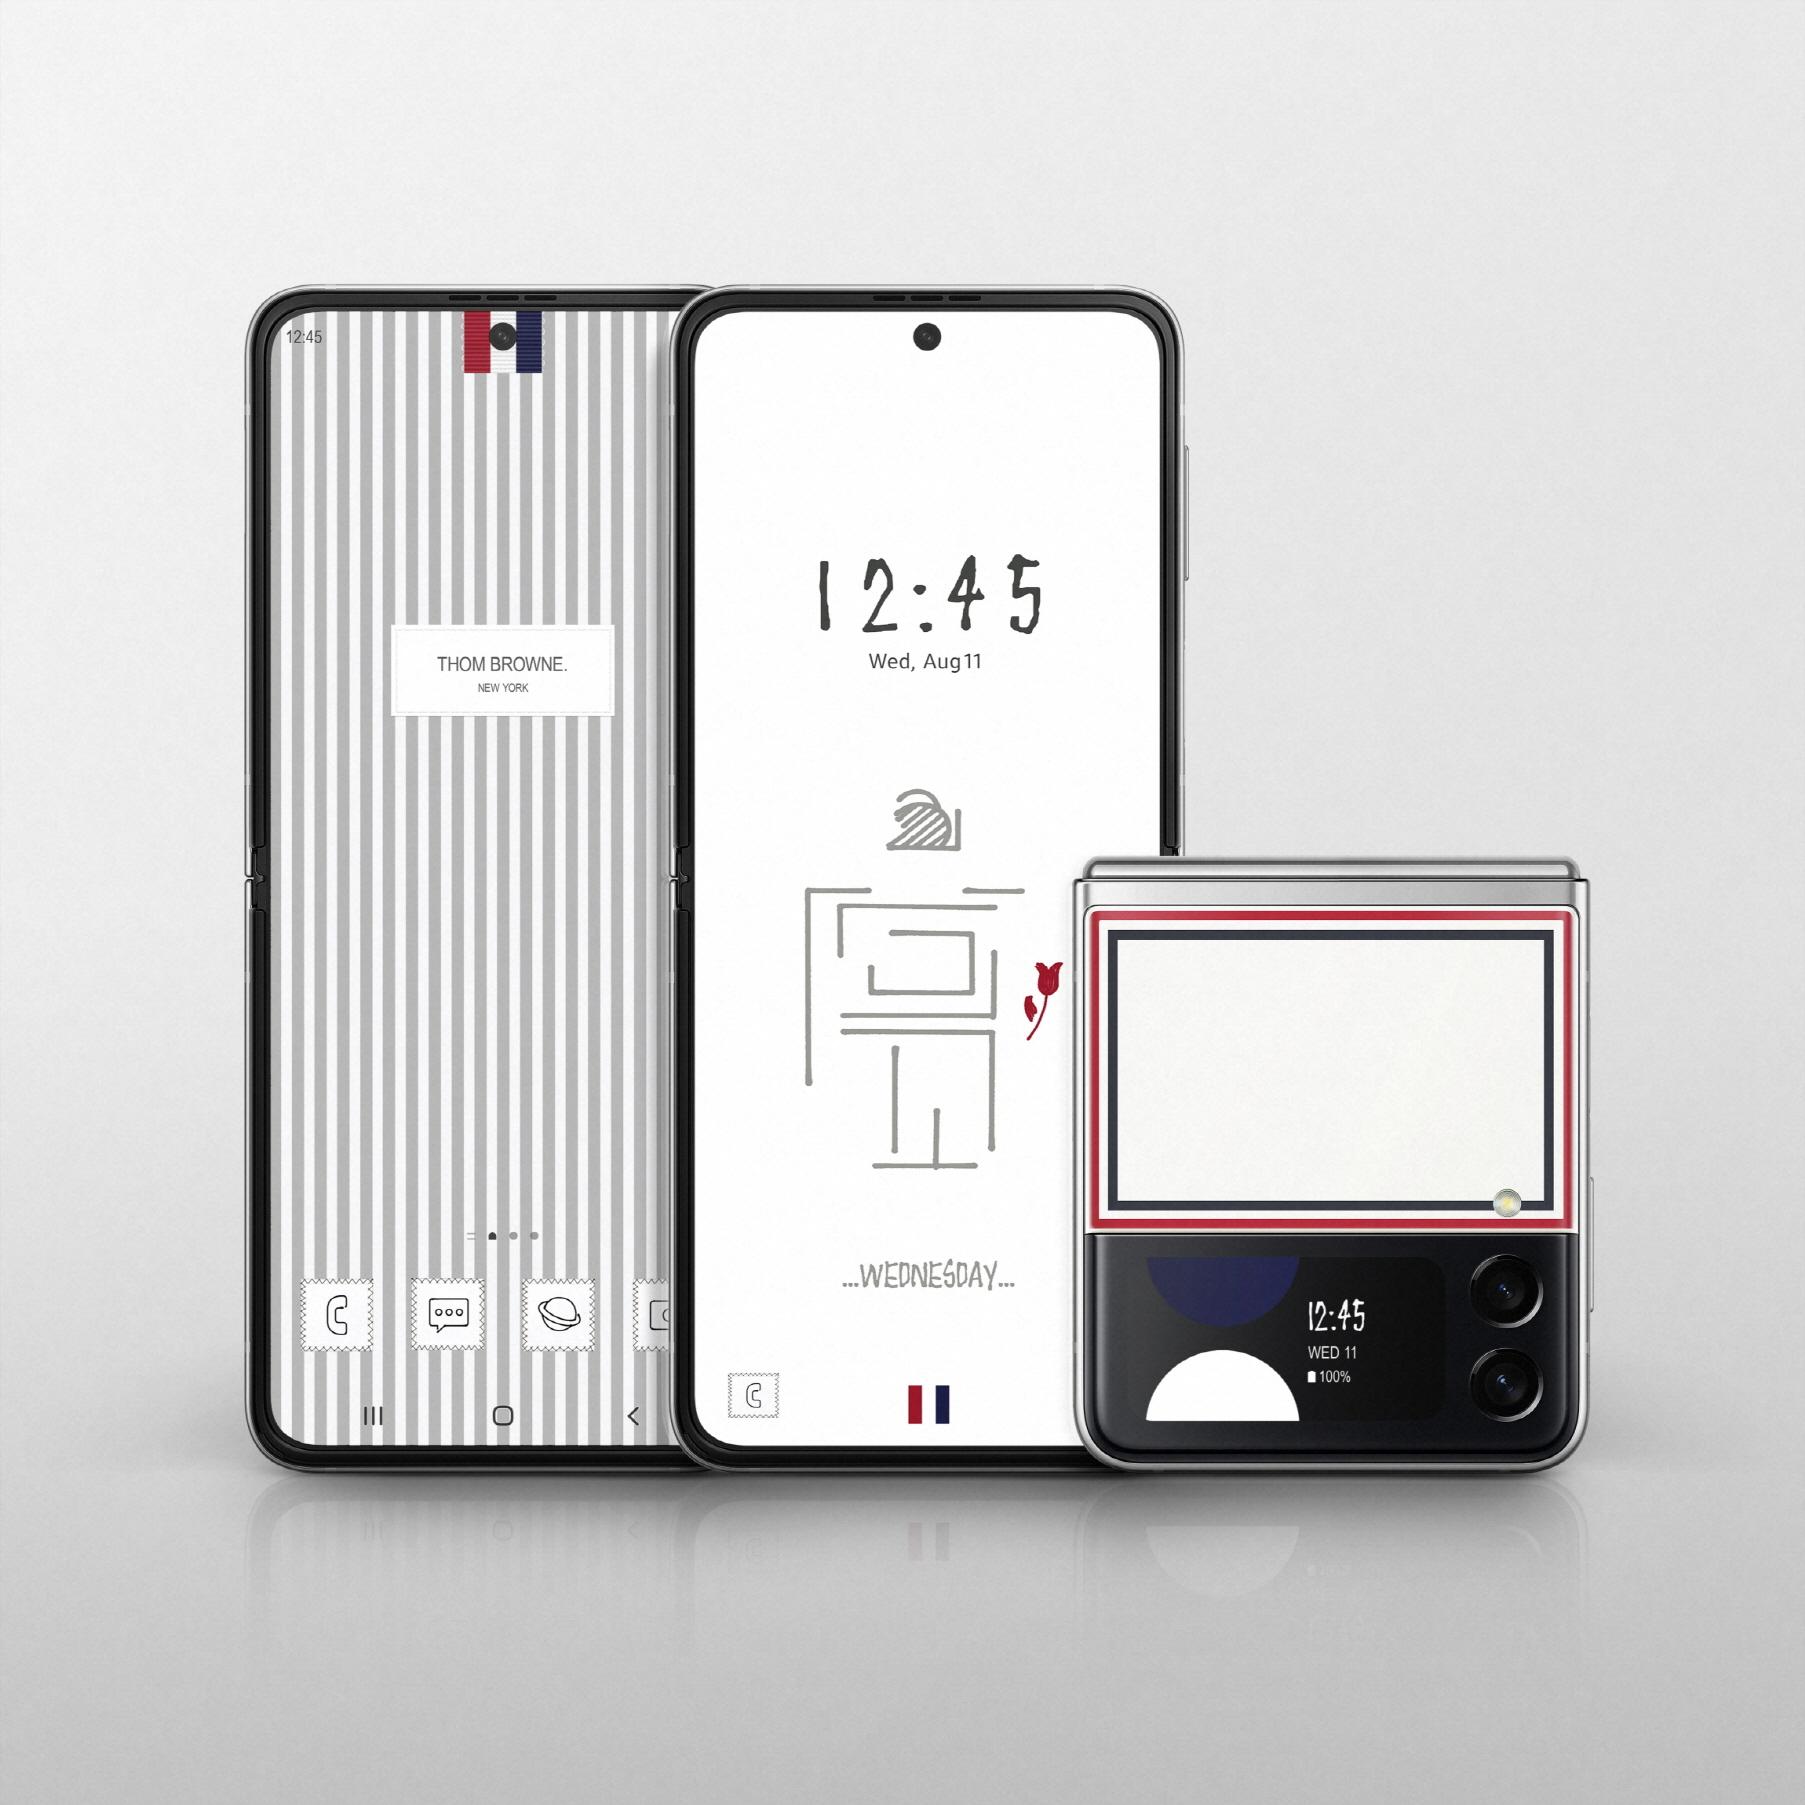 삼성 '갤럭시 Z 폴드3·플립3 톰브라운 에디션' 제품 이미지